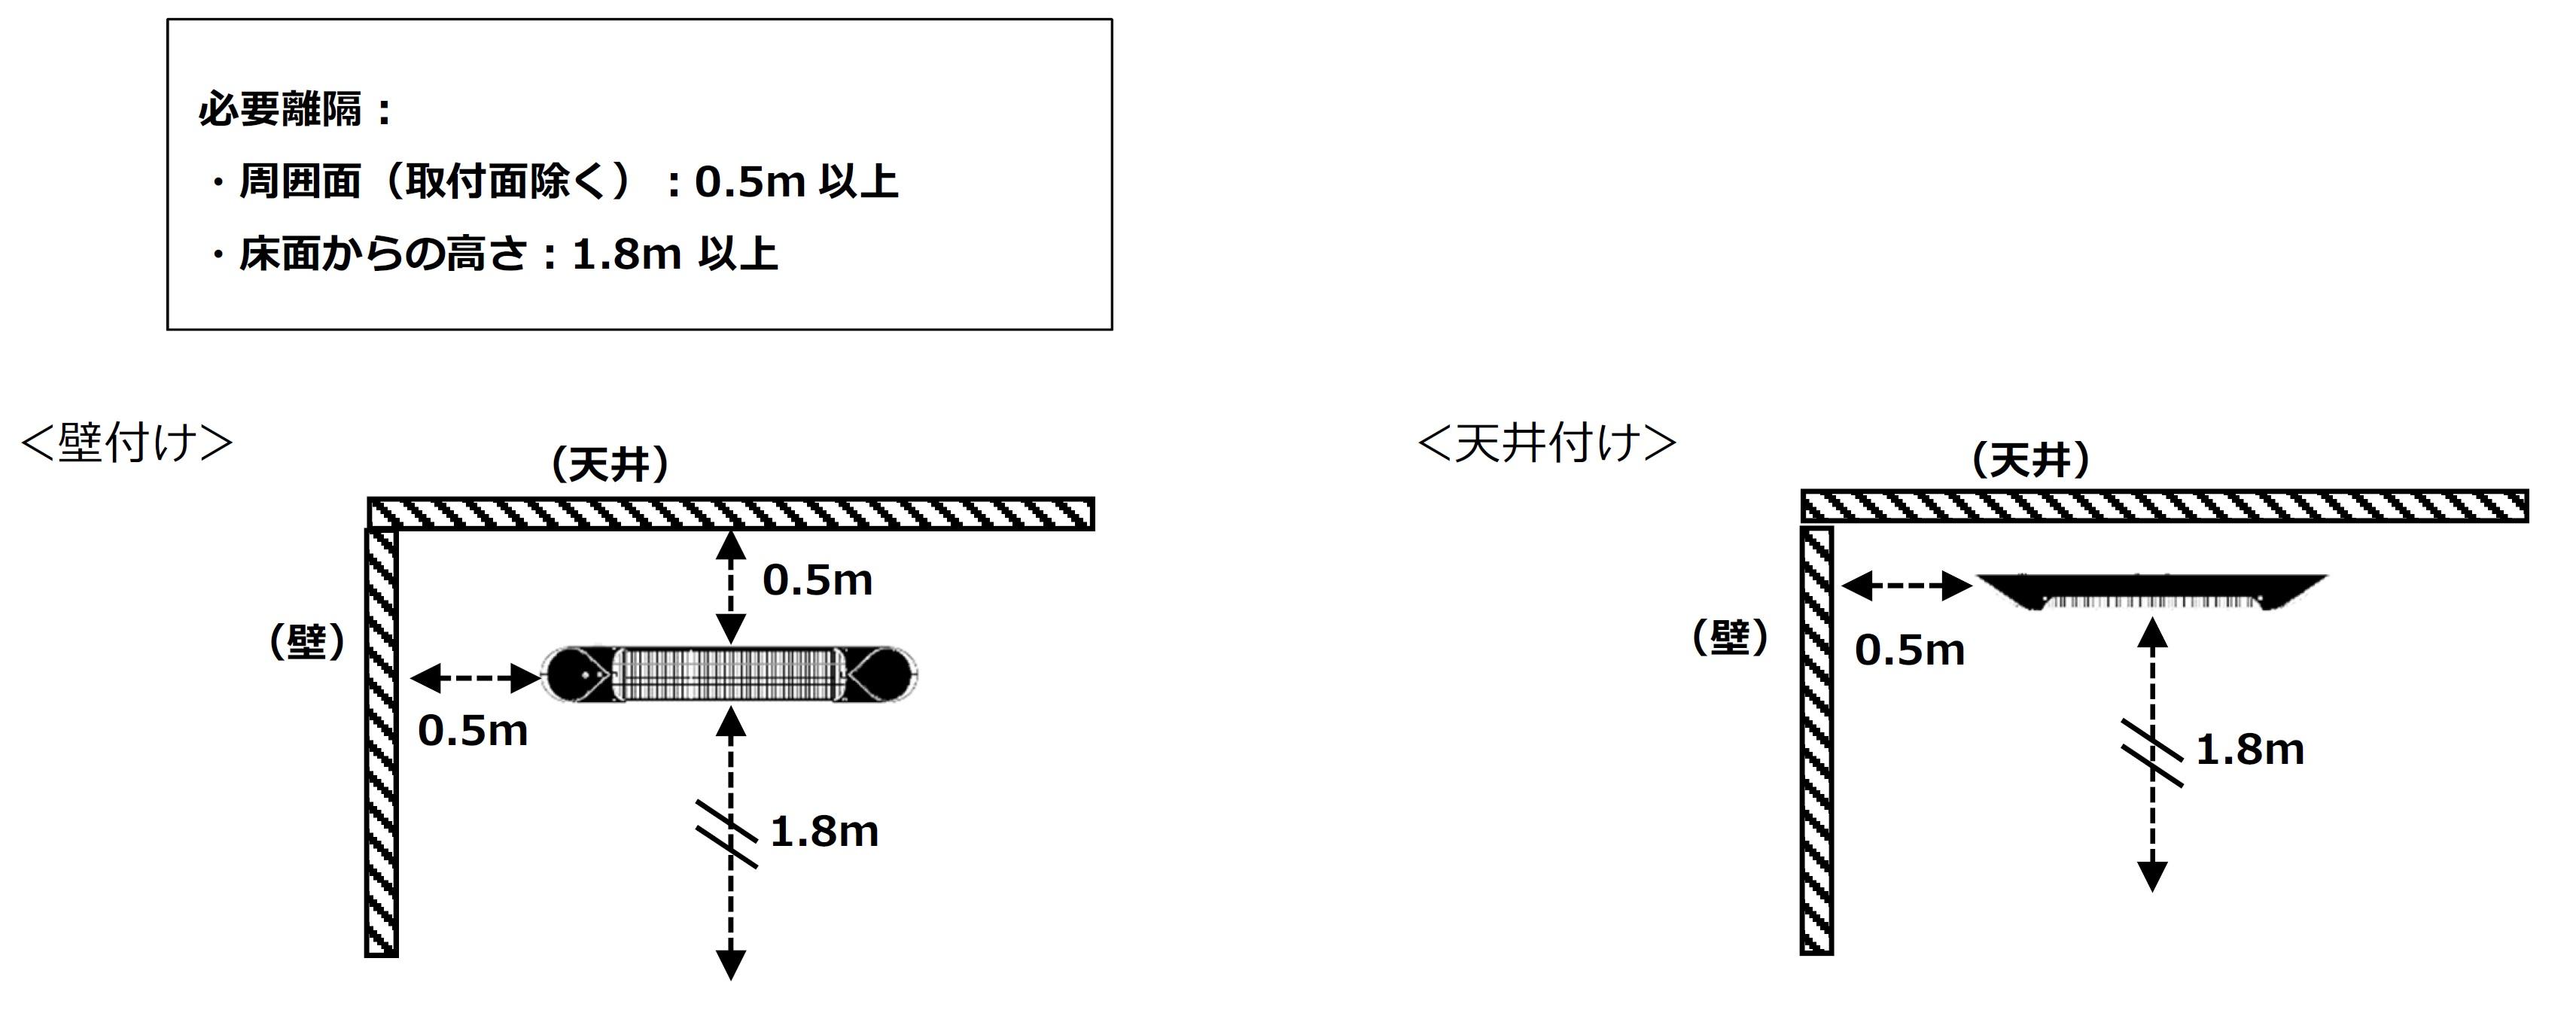 ミドルレンジヒーターの必要離隔(壁・天井取付モデル)